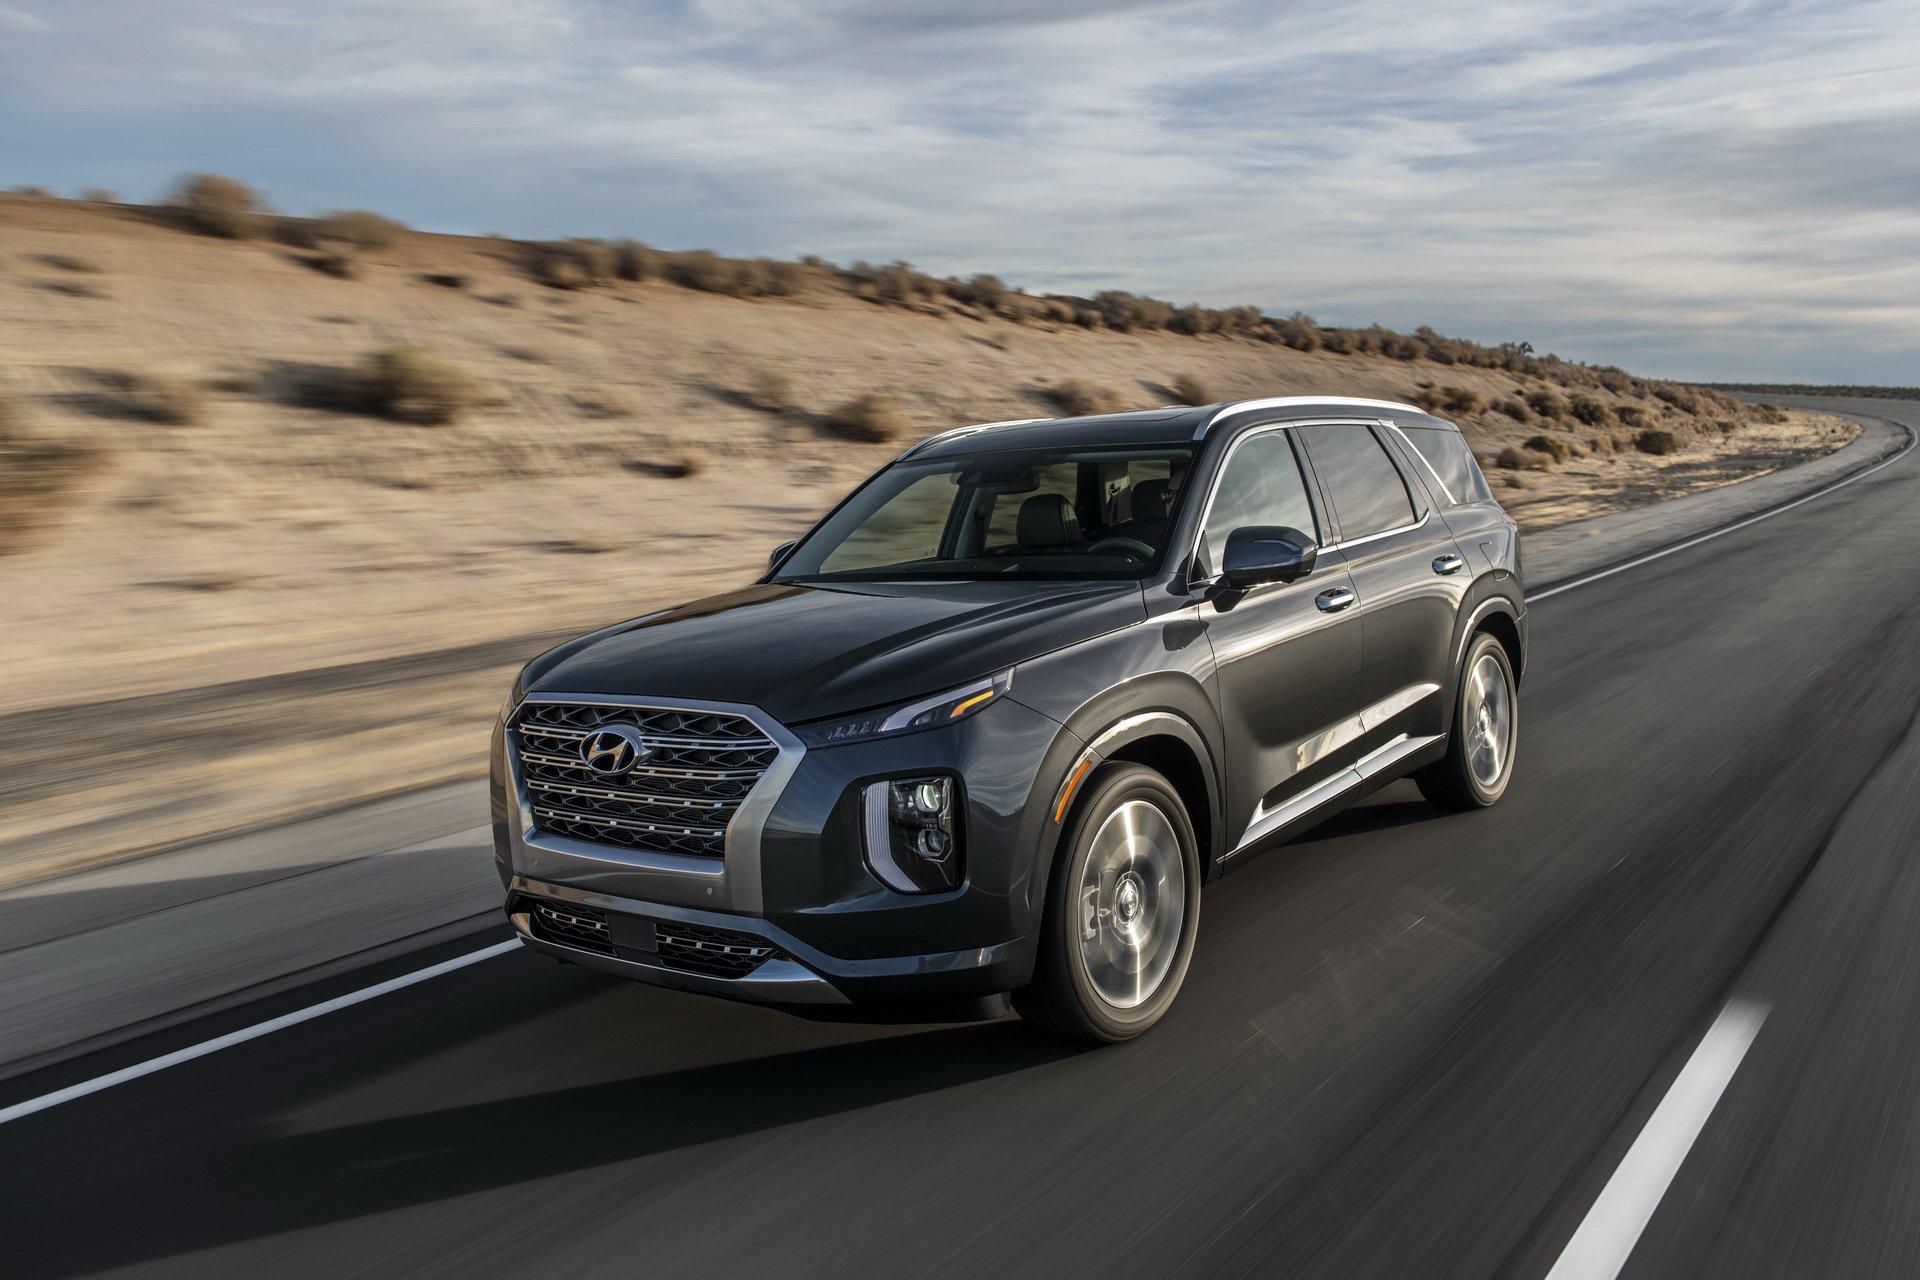 Hyundai-Palisade 2019 (7)